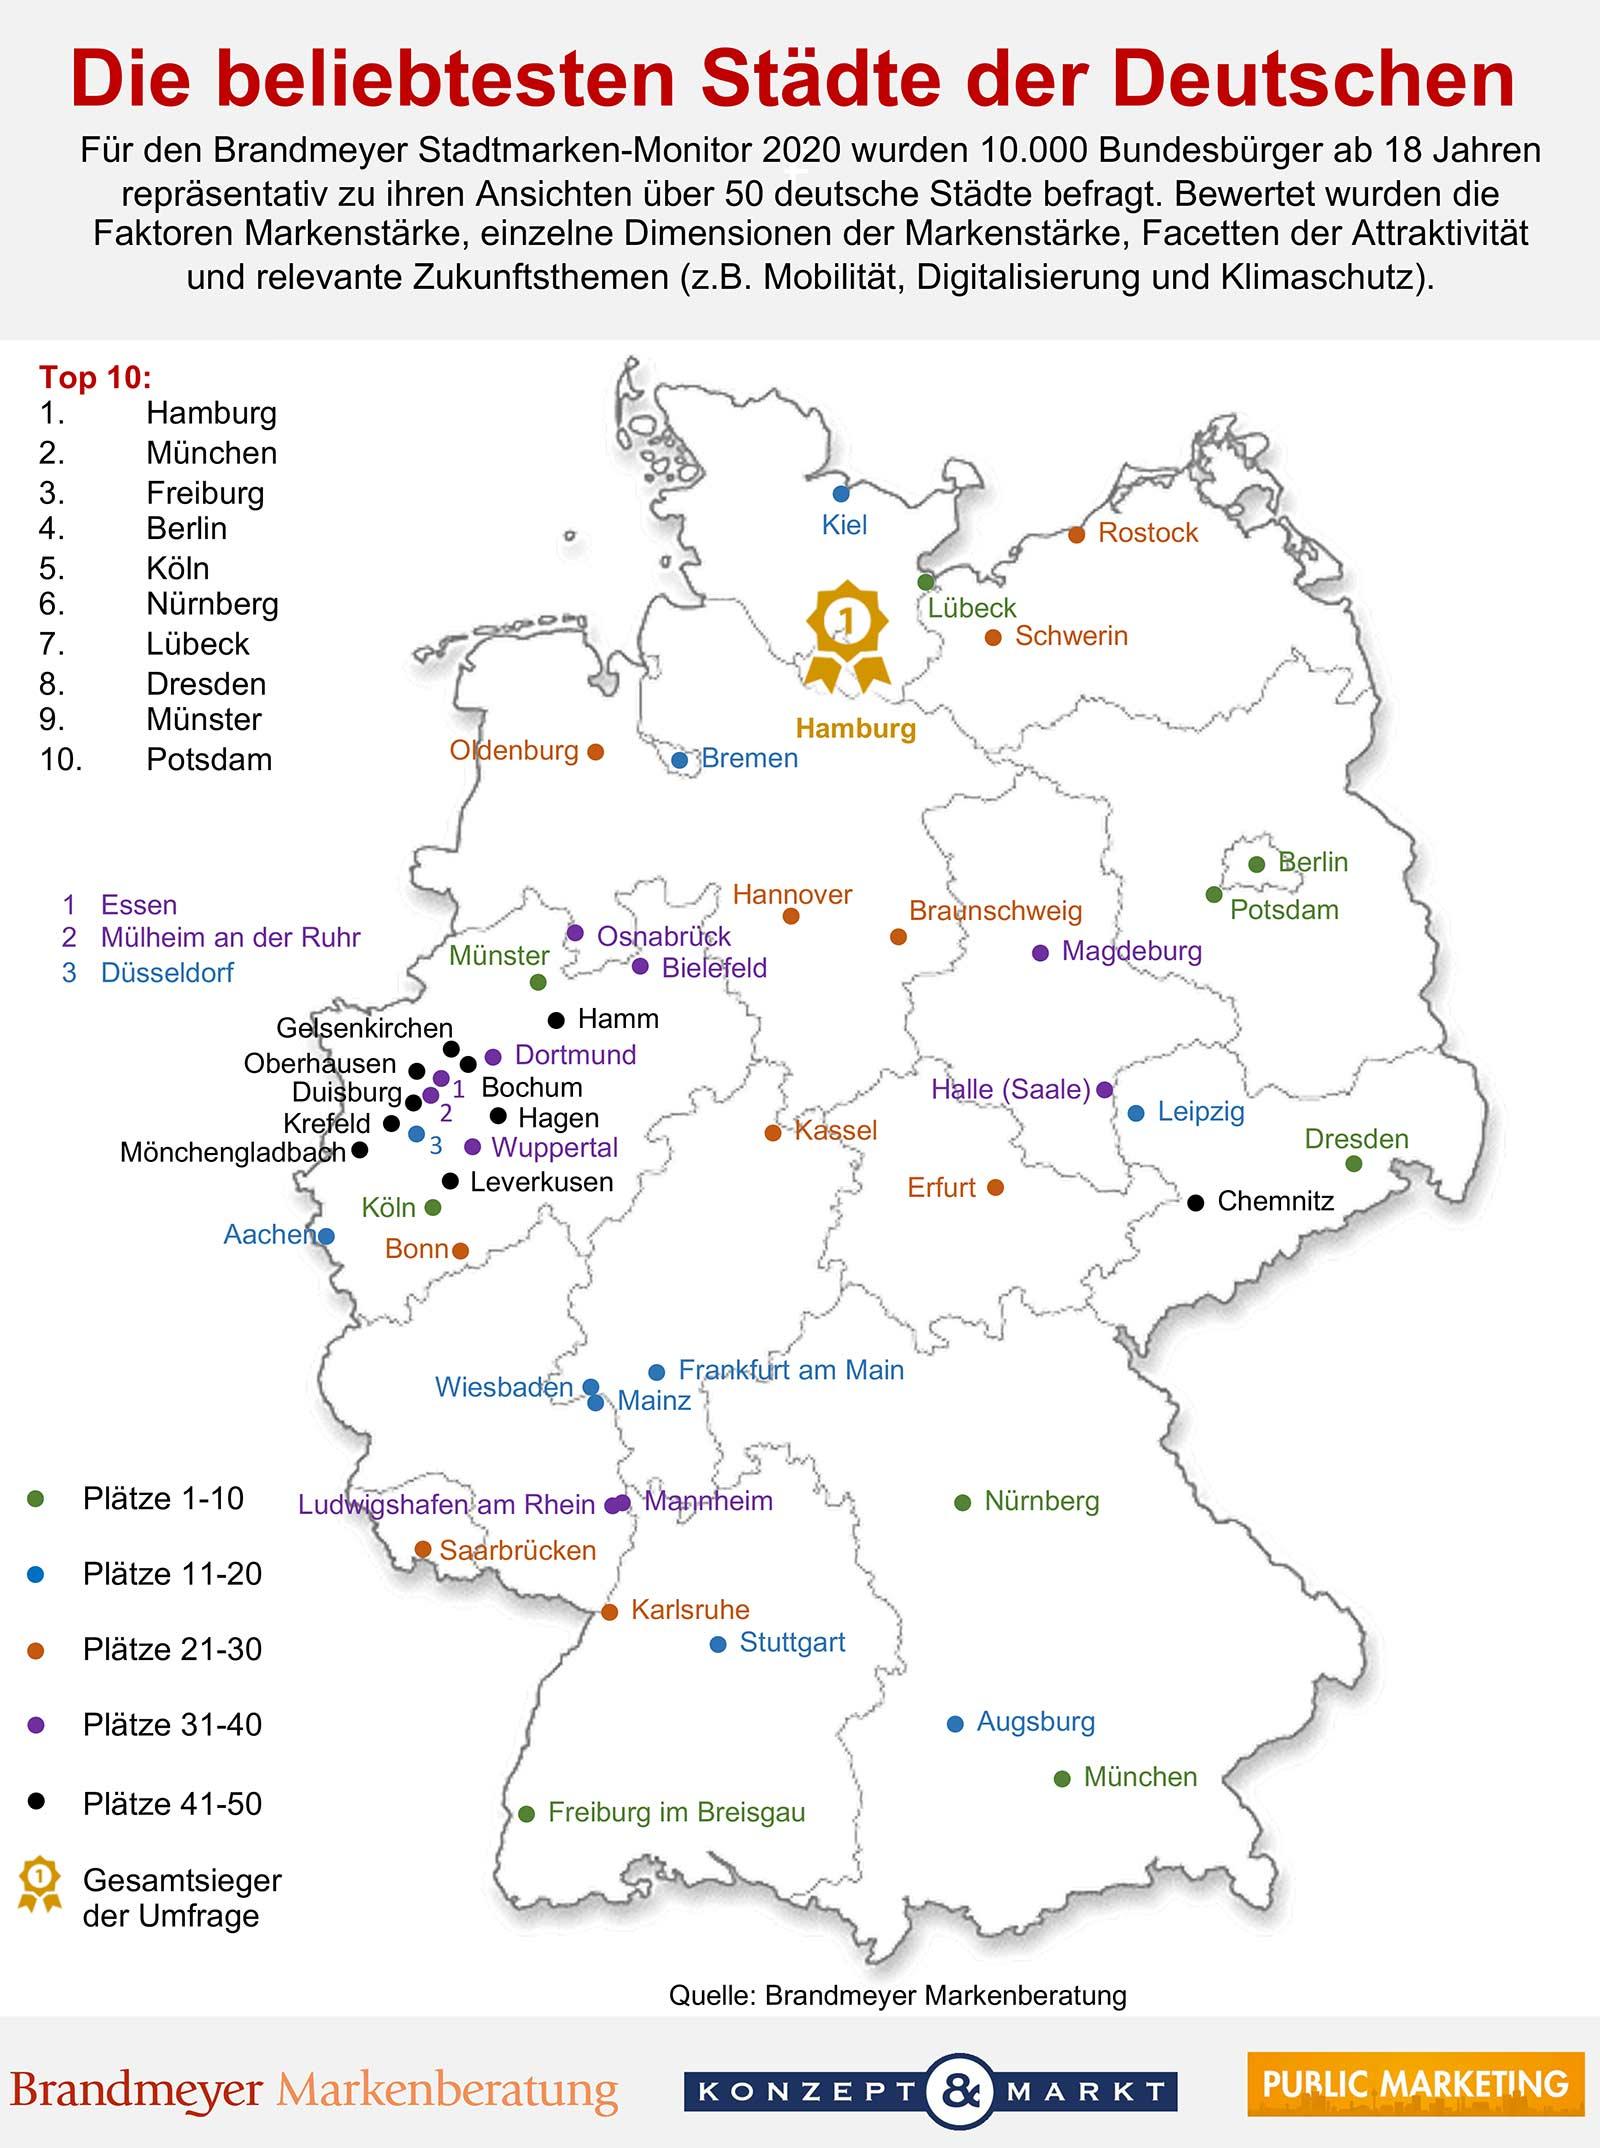 Landkarte Deutschland die beliebtesten Städte